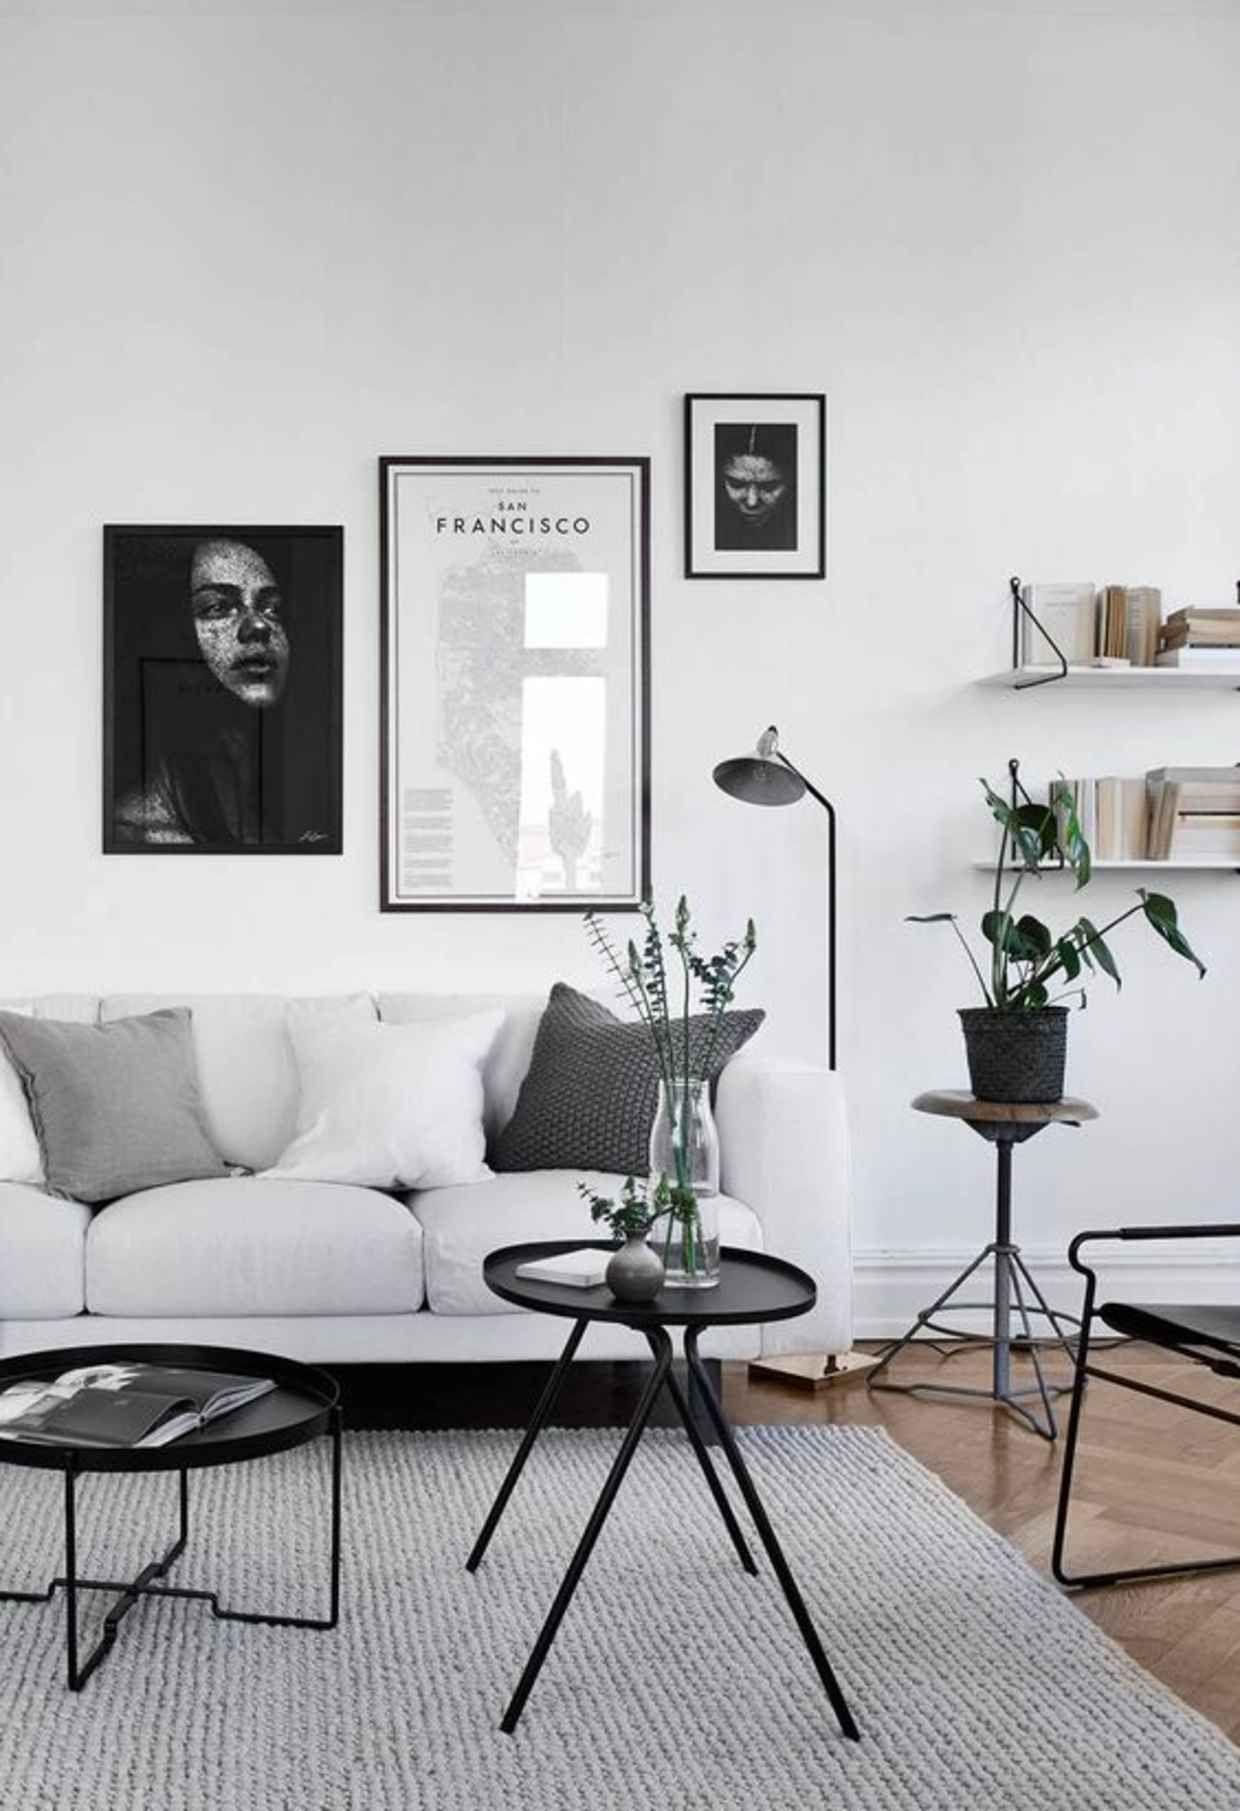 Minimal Interior Design Inspiration #47 | Interior design ...